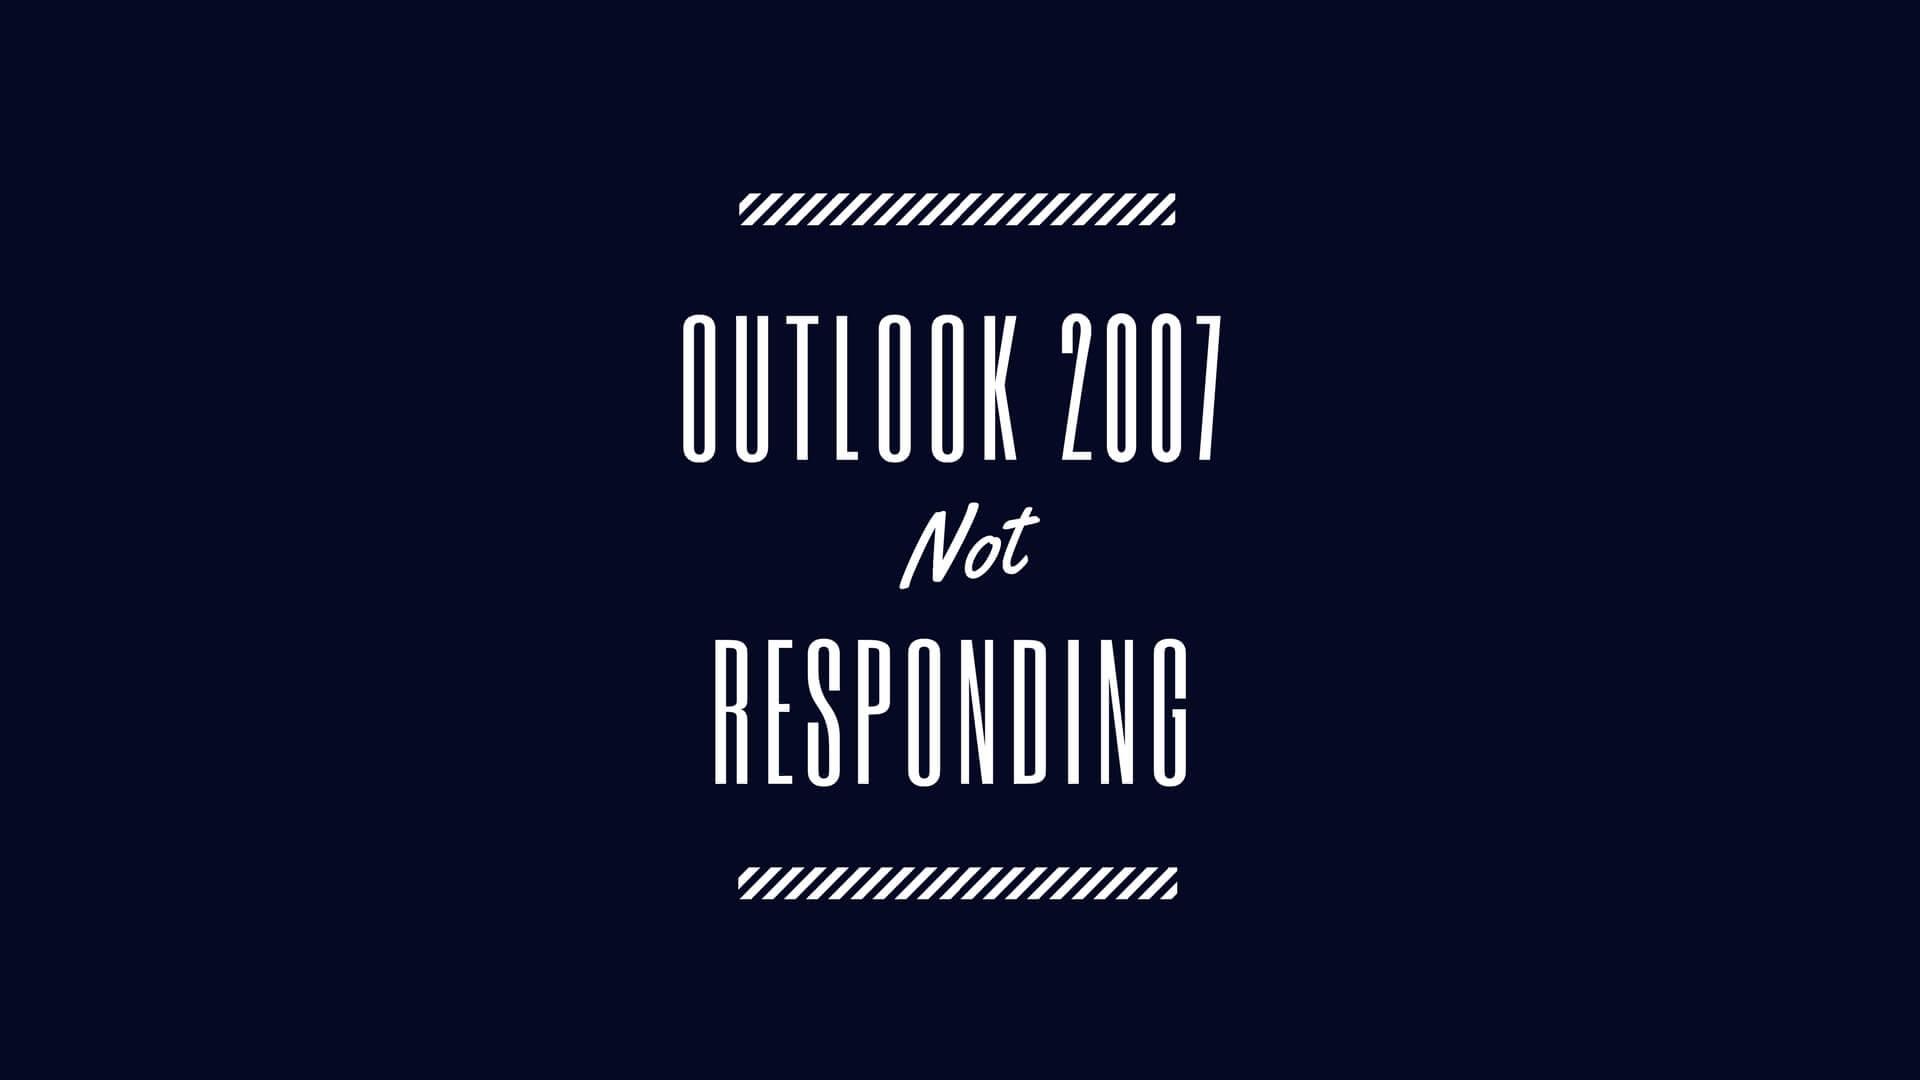 outlook 2007 not responding